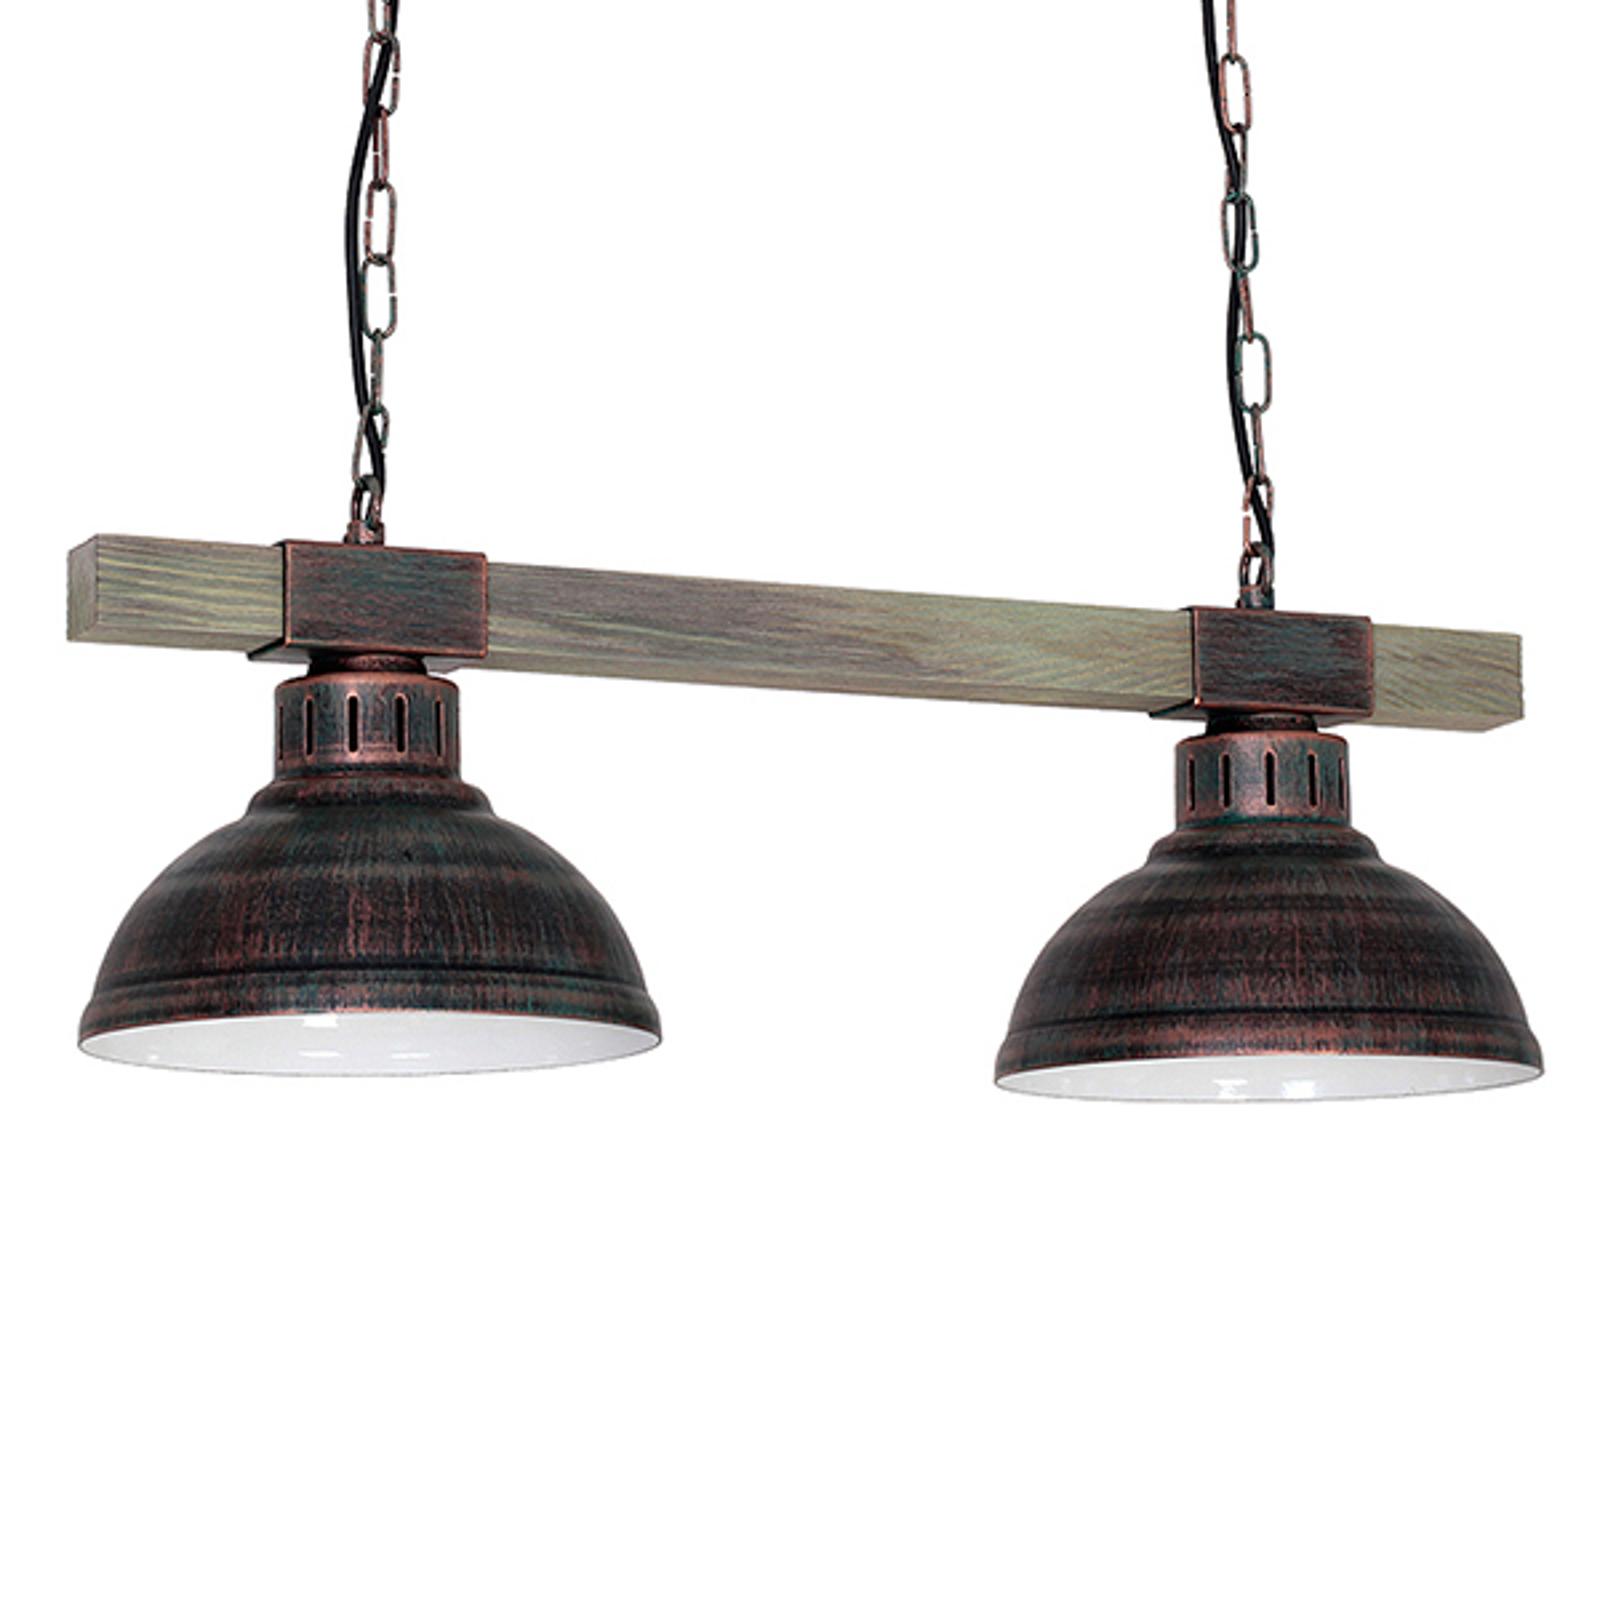 Lampa wisząca Hakon 2-pkt. rdzawy brąz/drewno